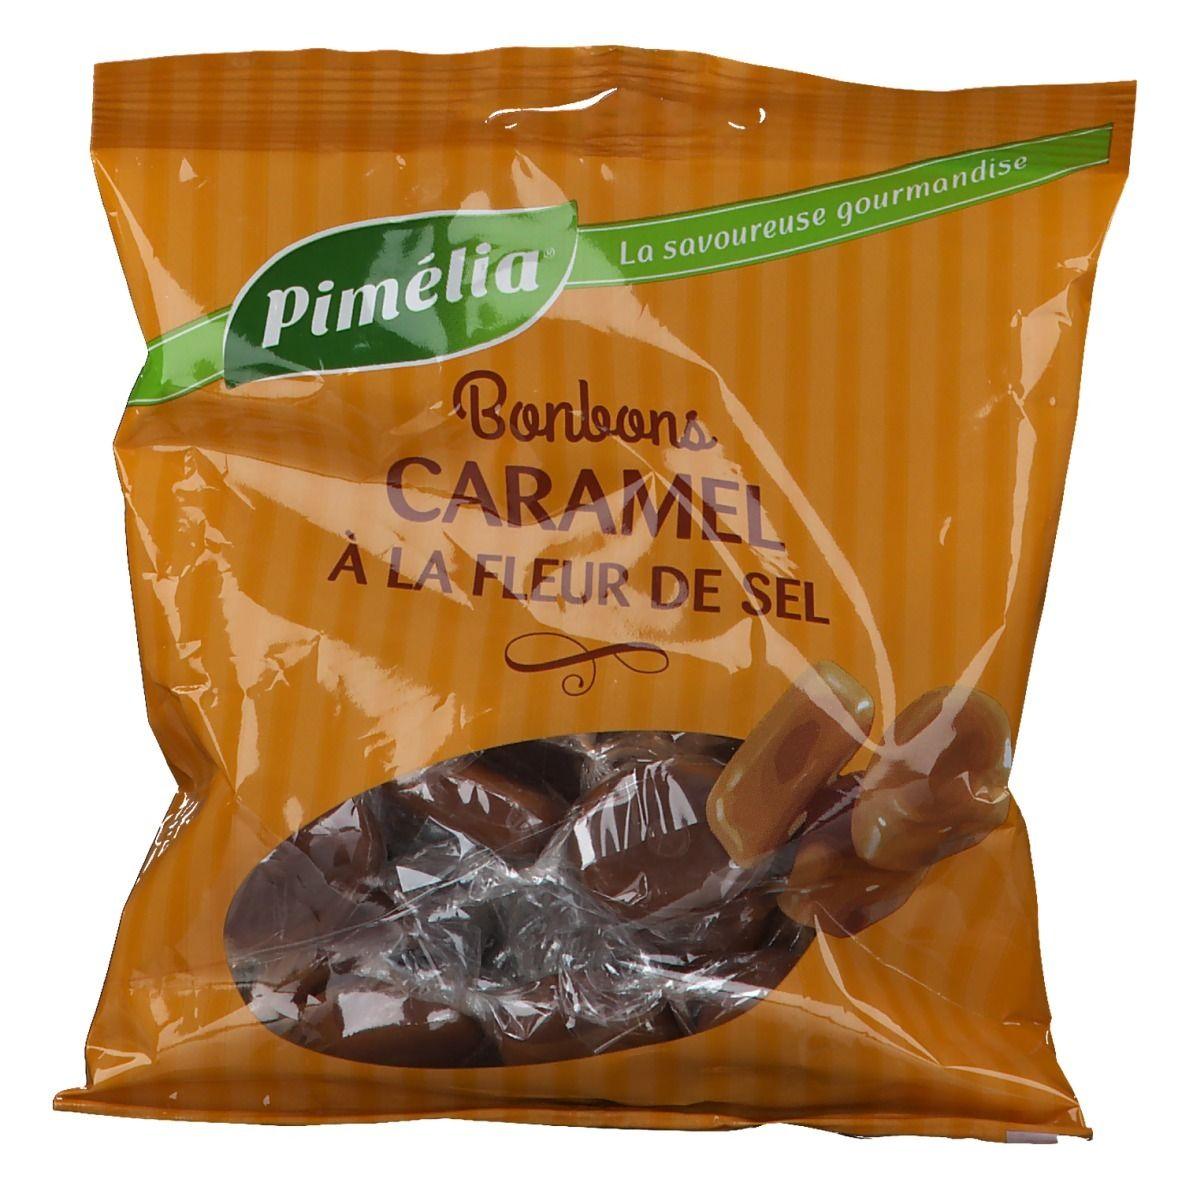 Pimélia® Bonbons Caramel à la Fleur de Sel g bonbon(s)